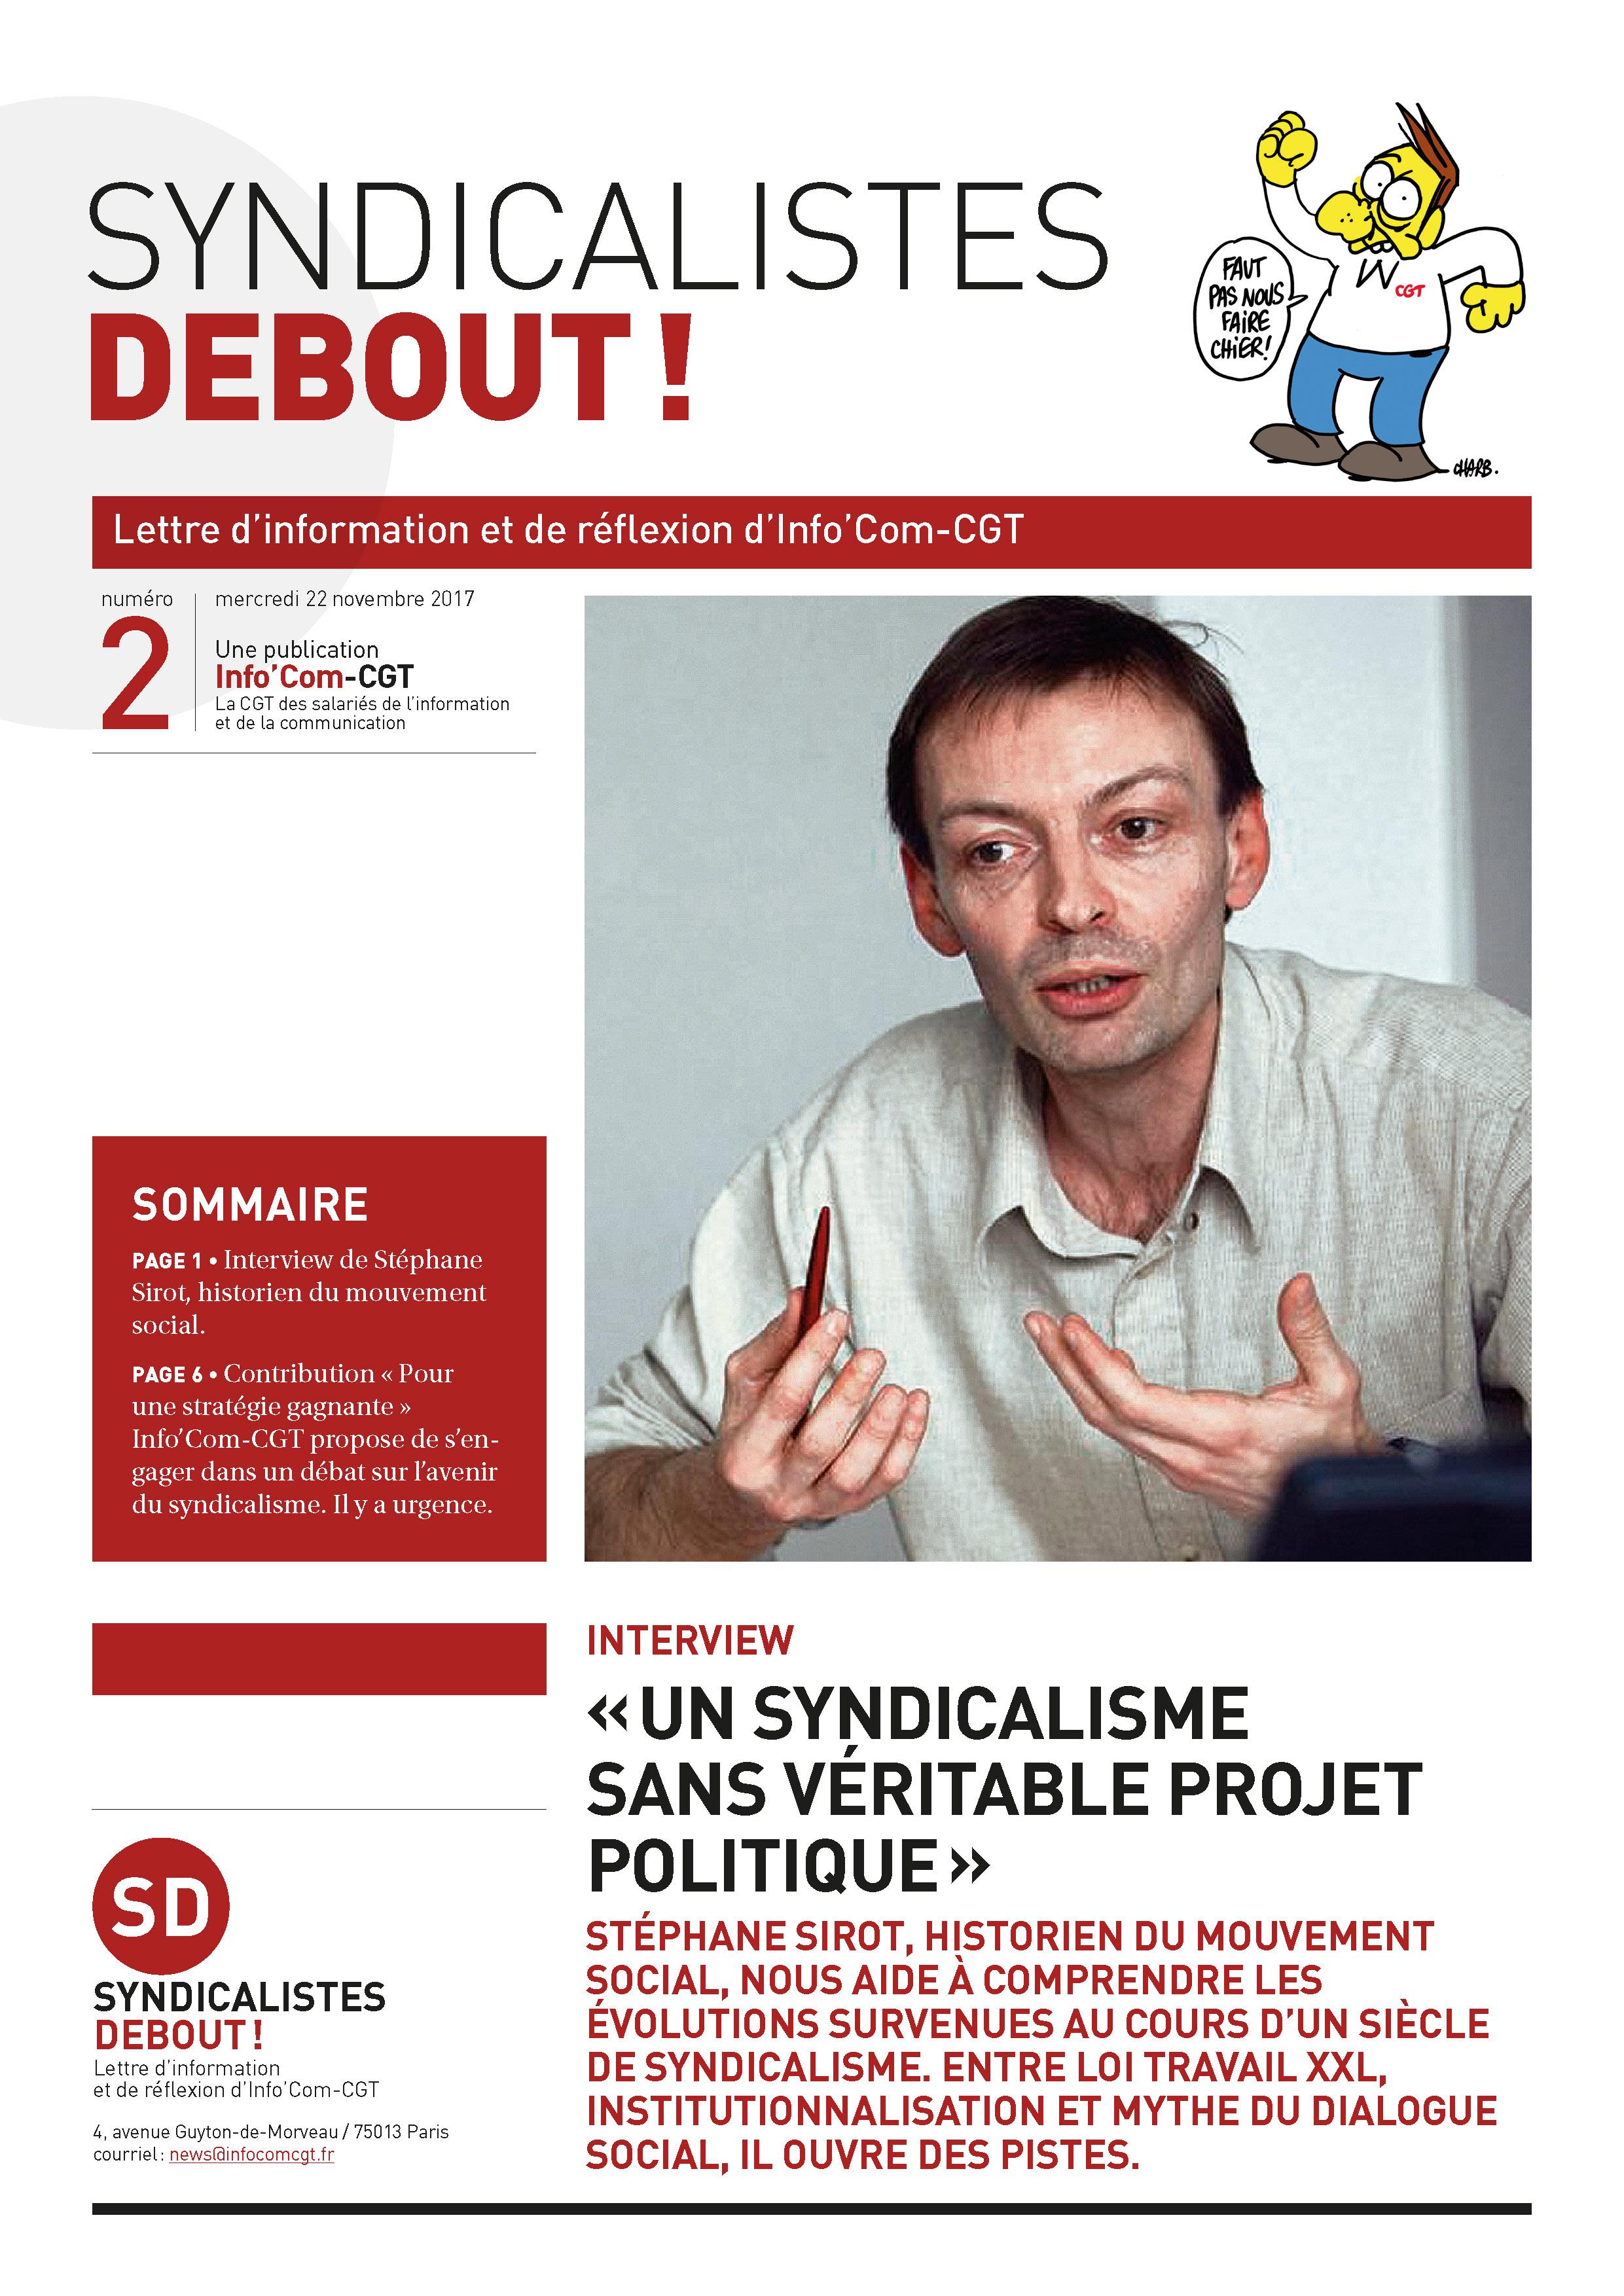 Syndicalistes Debout ! n°2 est arrivé. À lire absolument